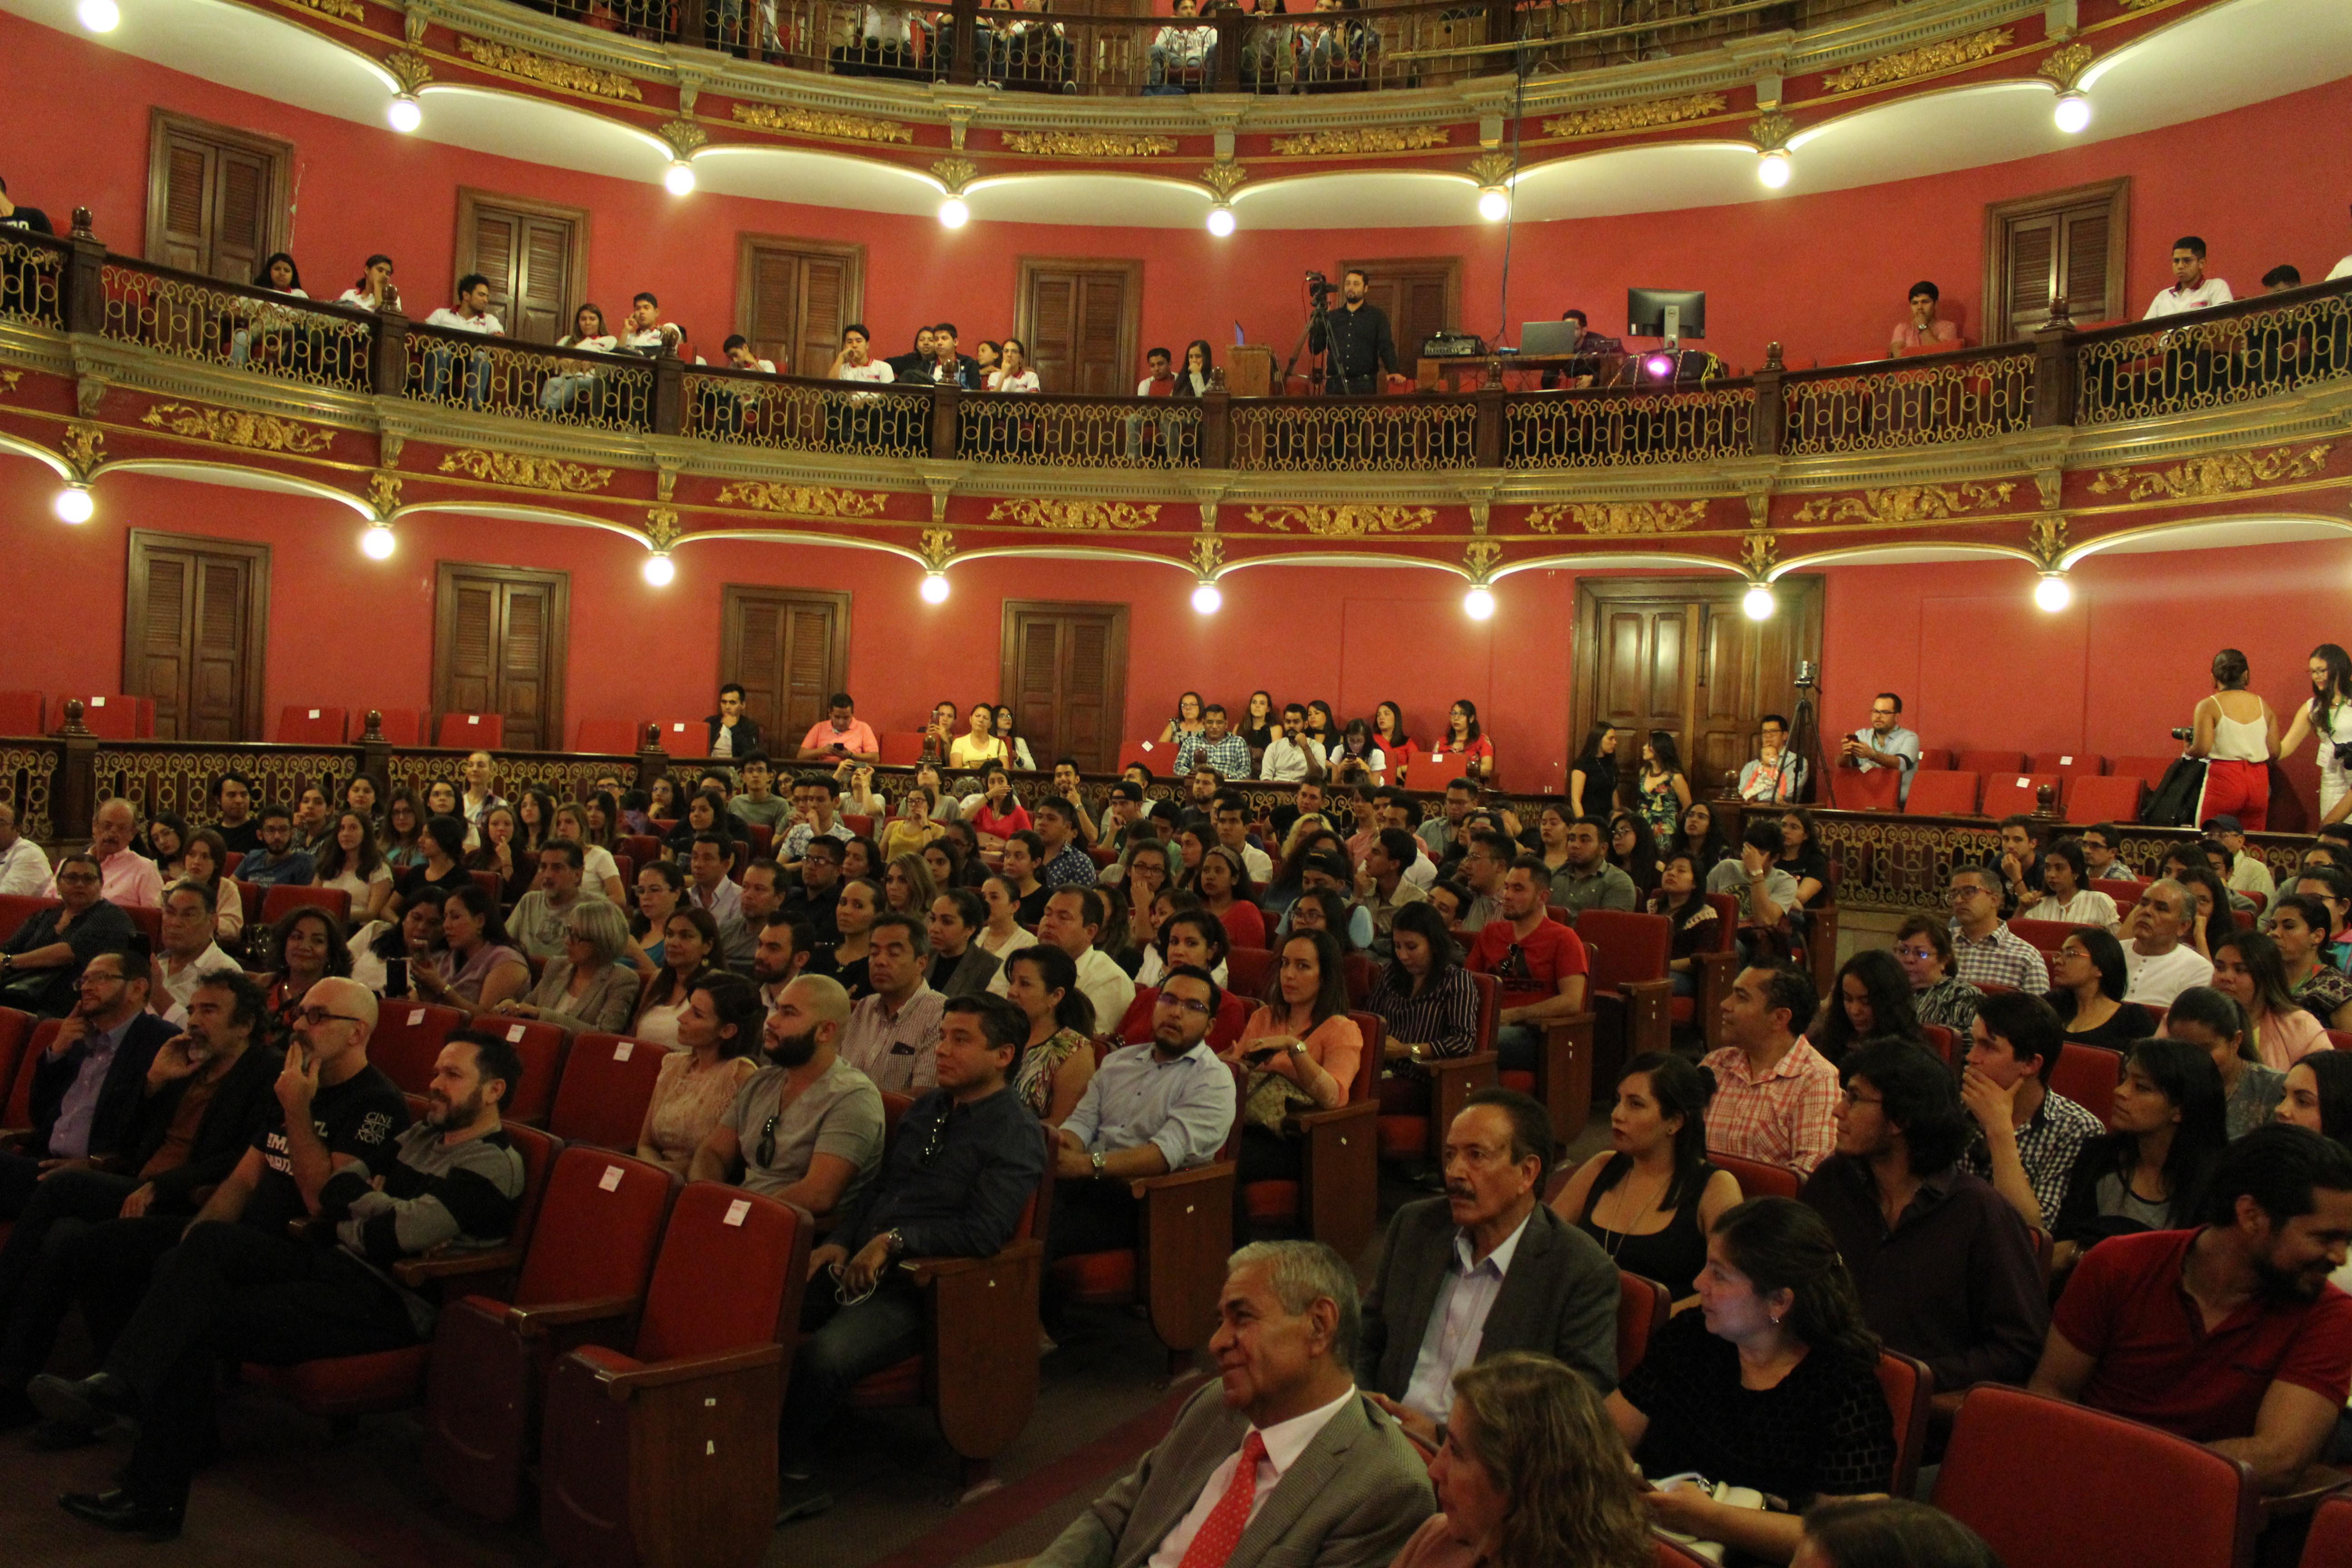 El público asistente se mantuvo expectante en los momentos previos a la inauguración